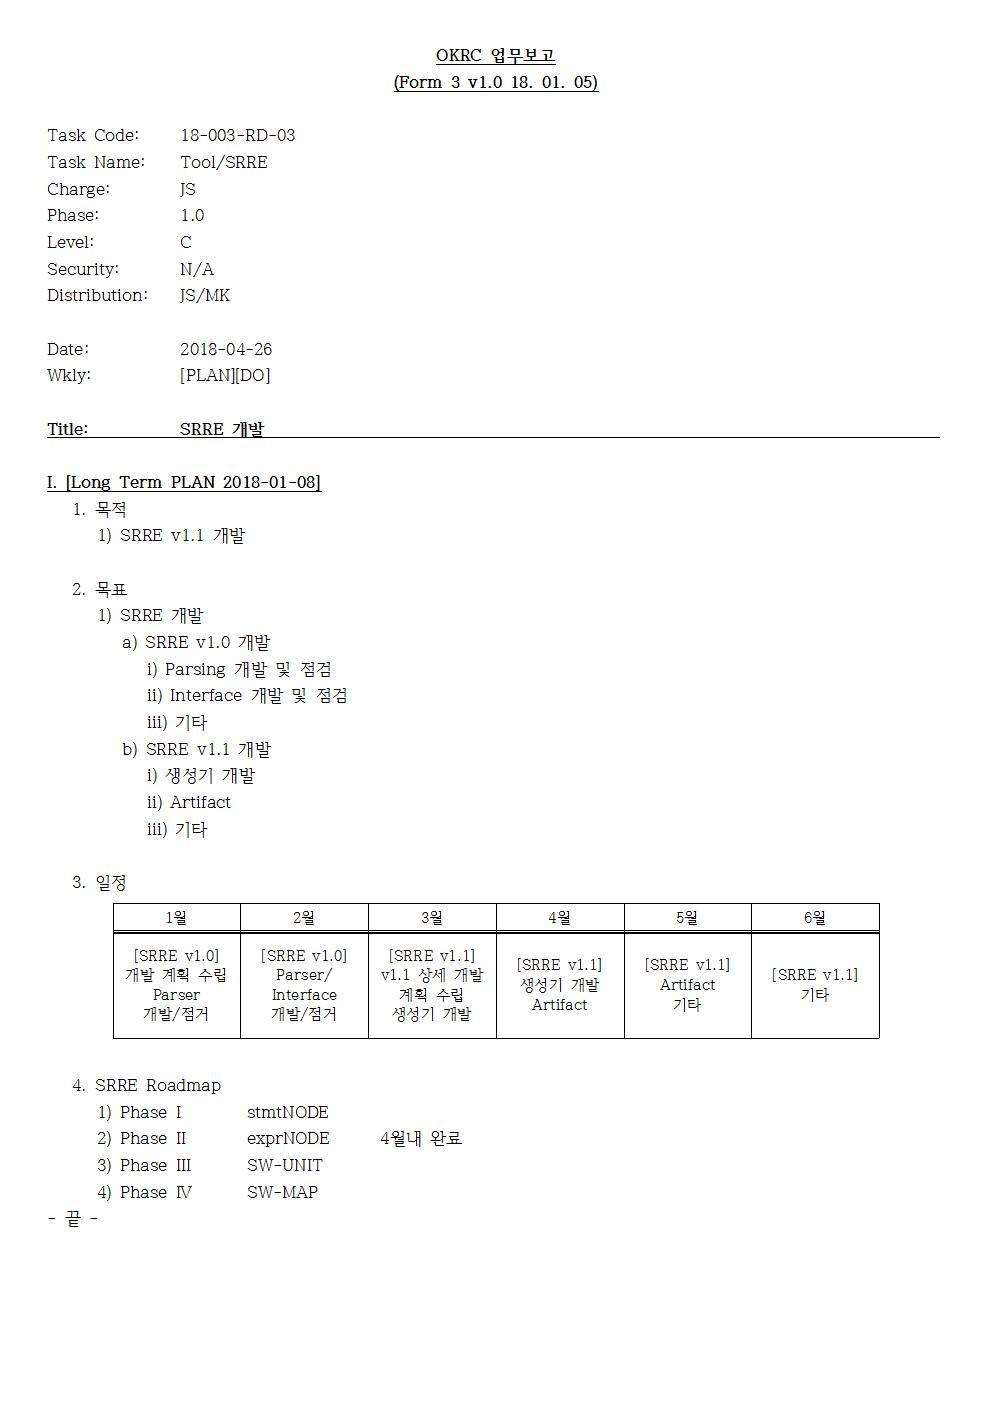 D-[18-003-RD-03]-[SRRE]-[2018-04-26][JS]001.jpg